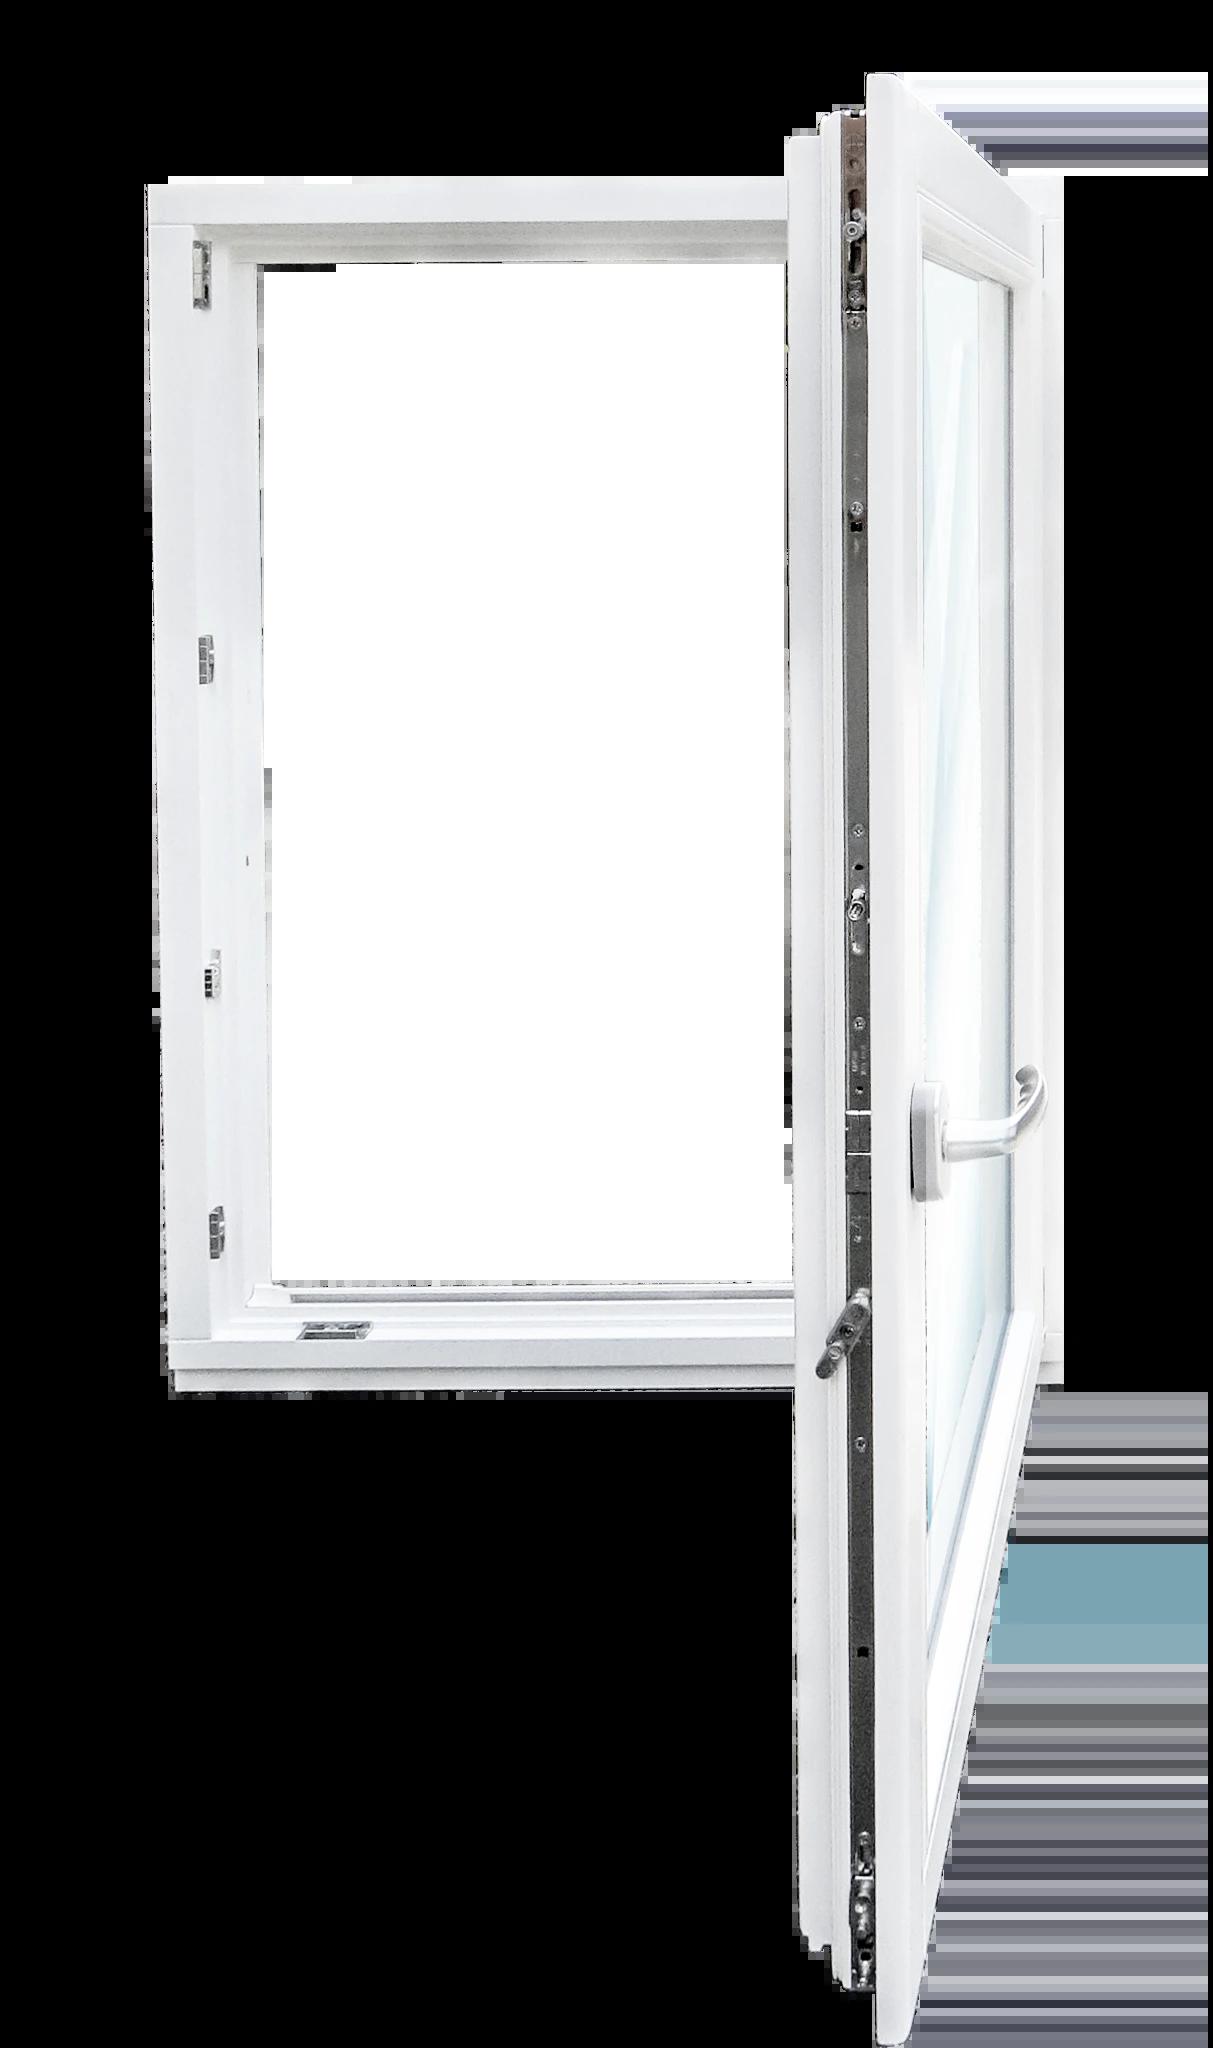 Business & Industrie ZuverläSsig Kunststofffenster Fenster Aus Polen 2-fach Schüco Fenster